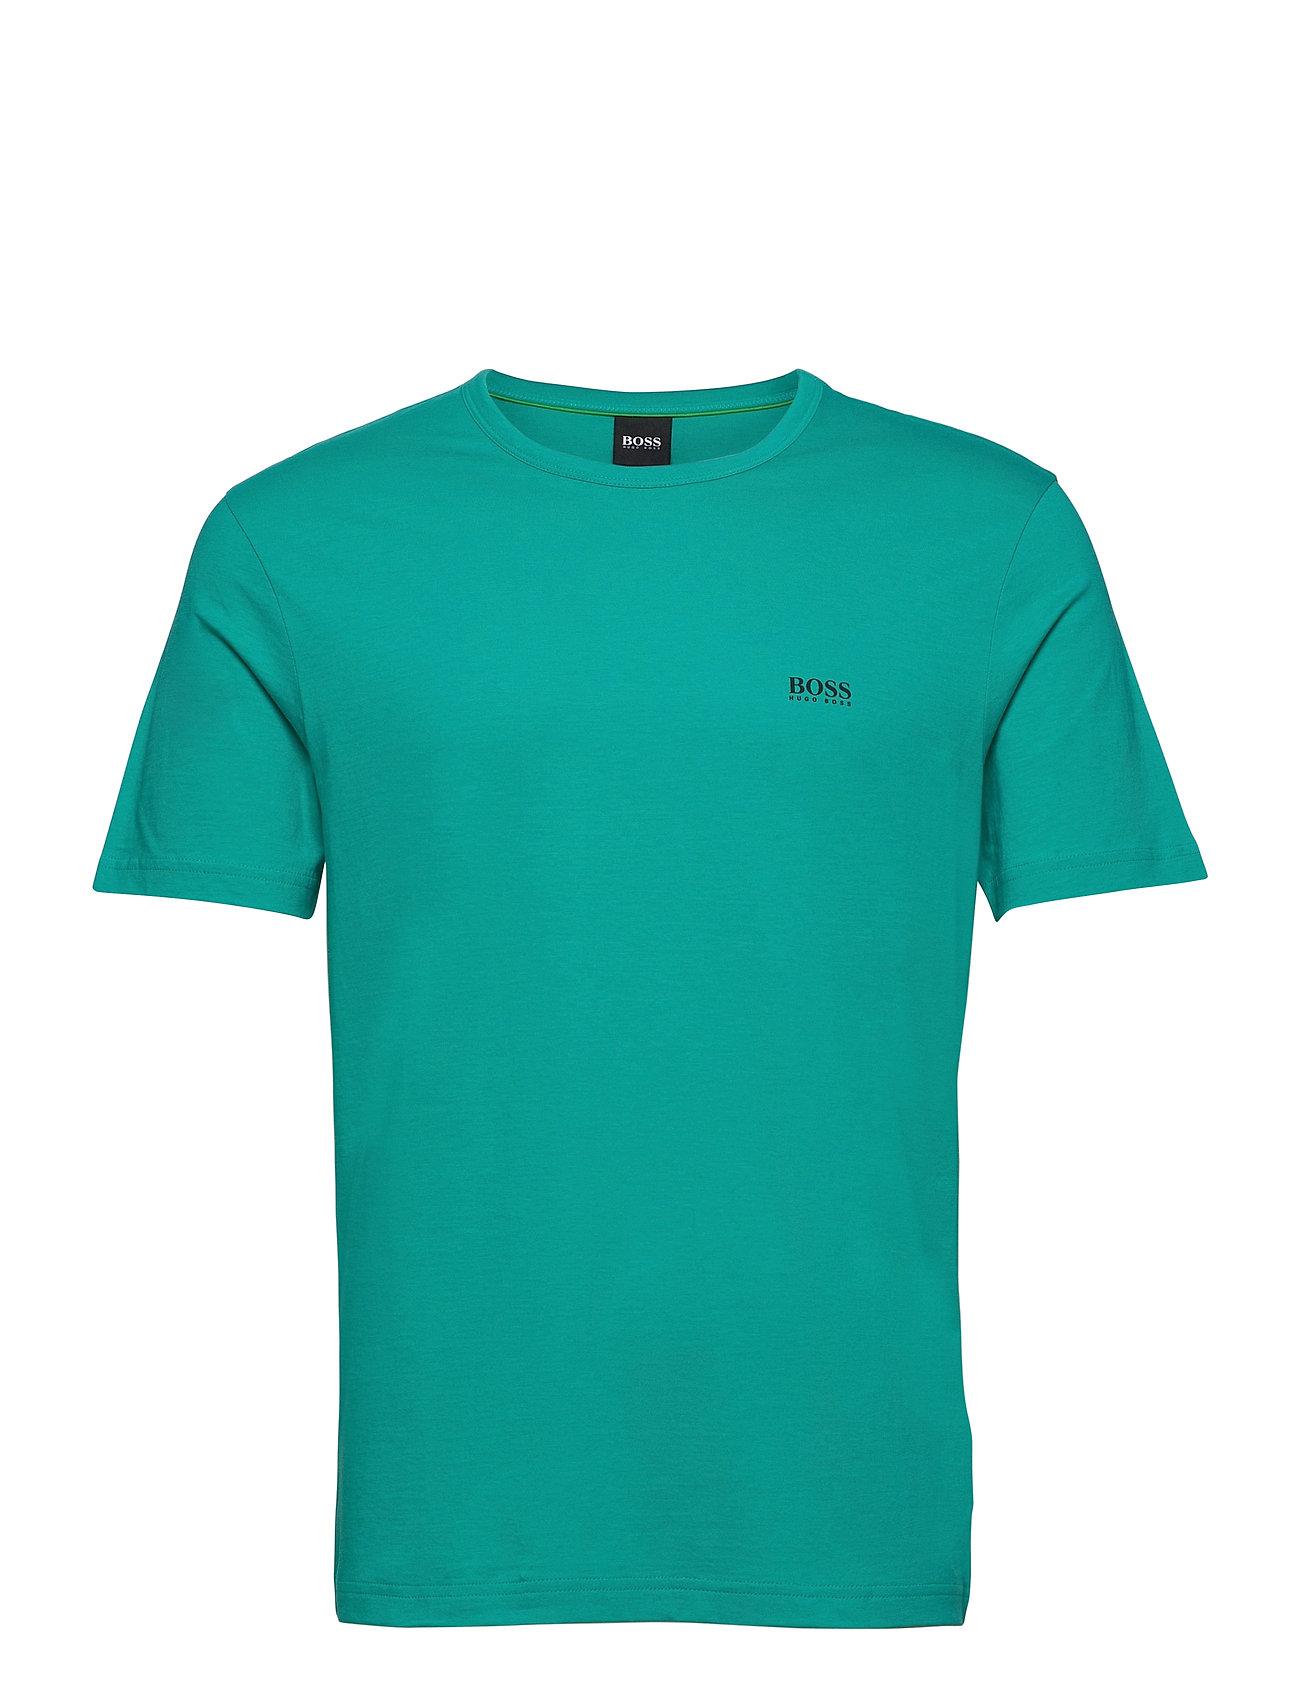 Image of Tee T-shirt Grøn BOSS (3470938807)